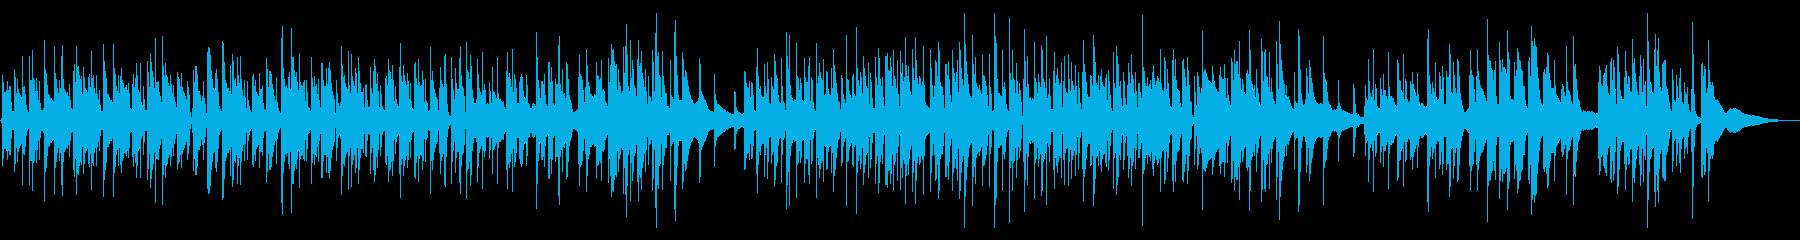 ベースでジャズほのぼのの再生済みの波形